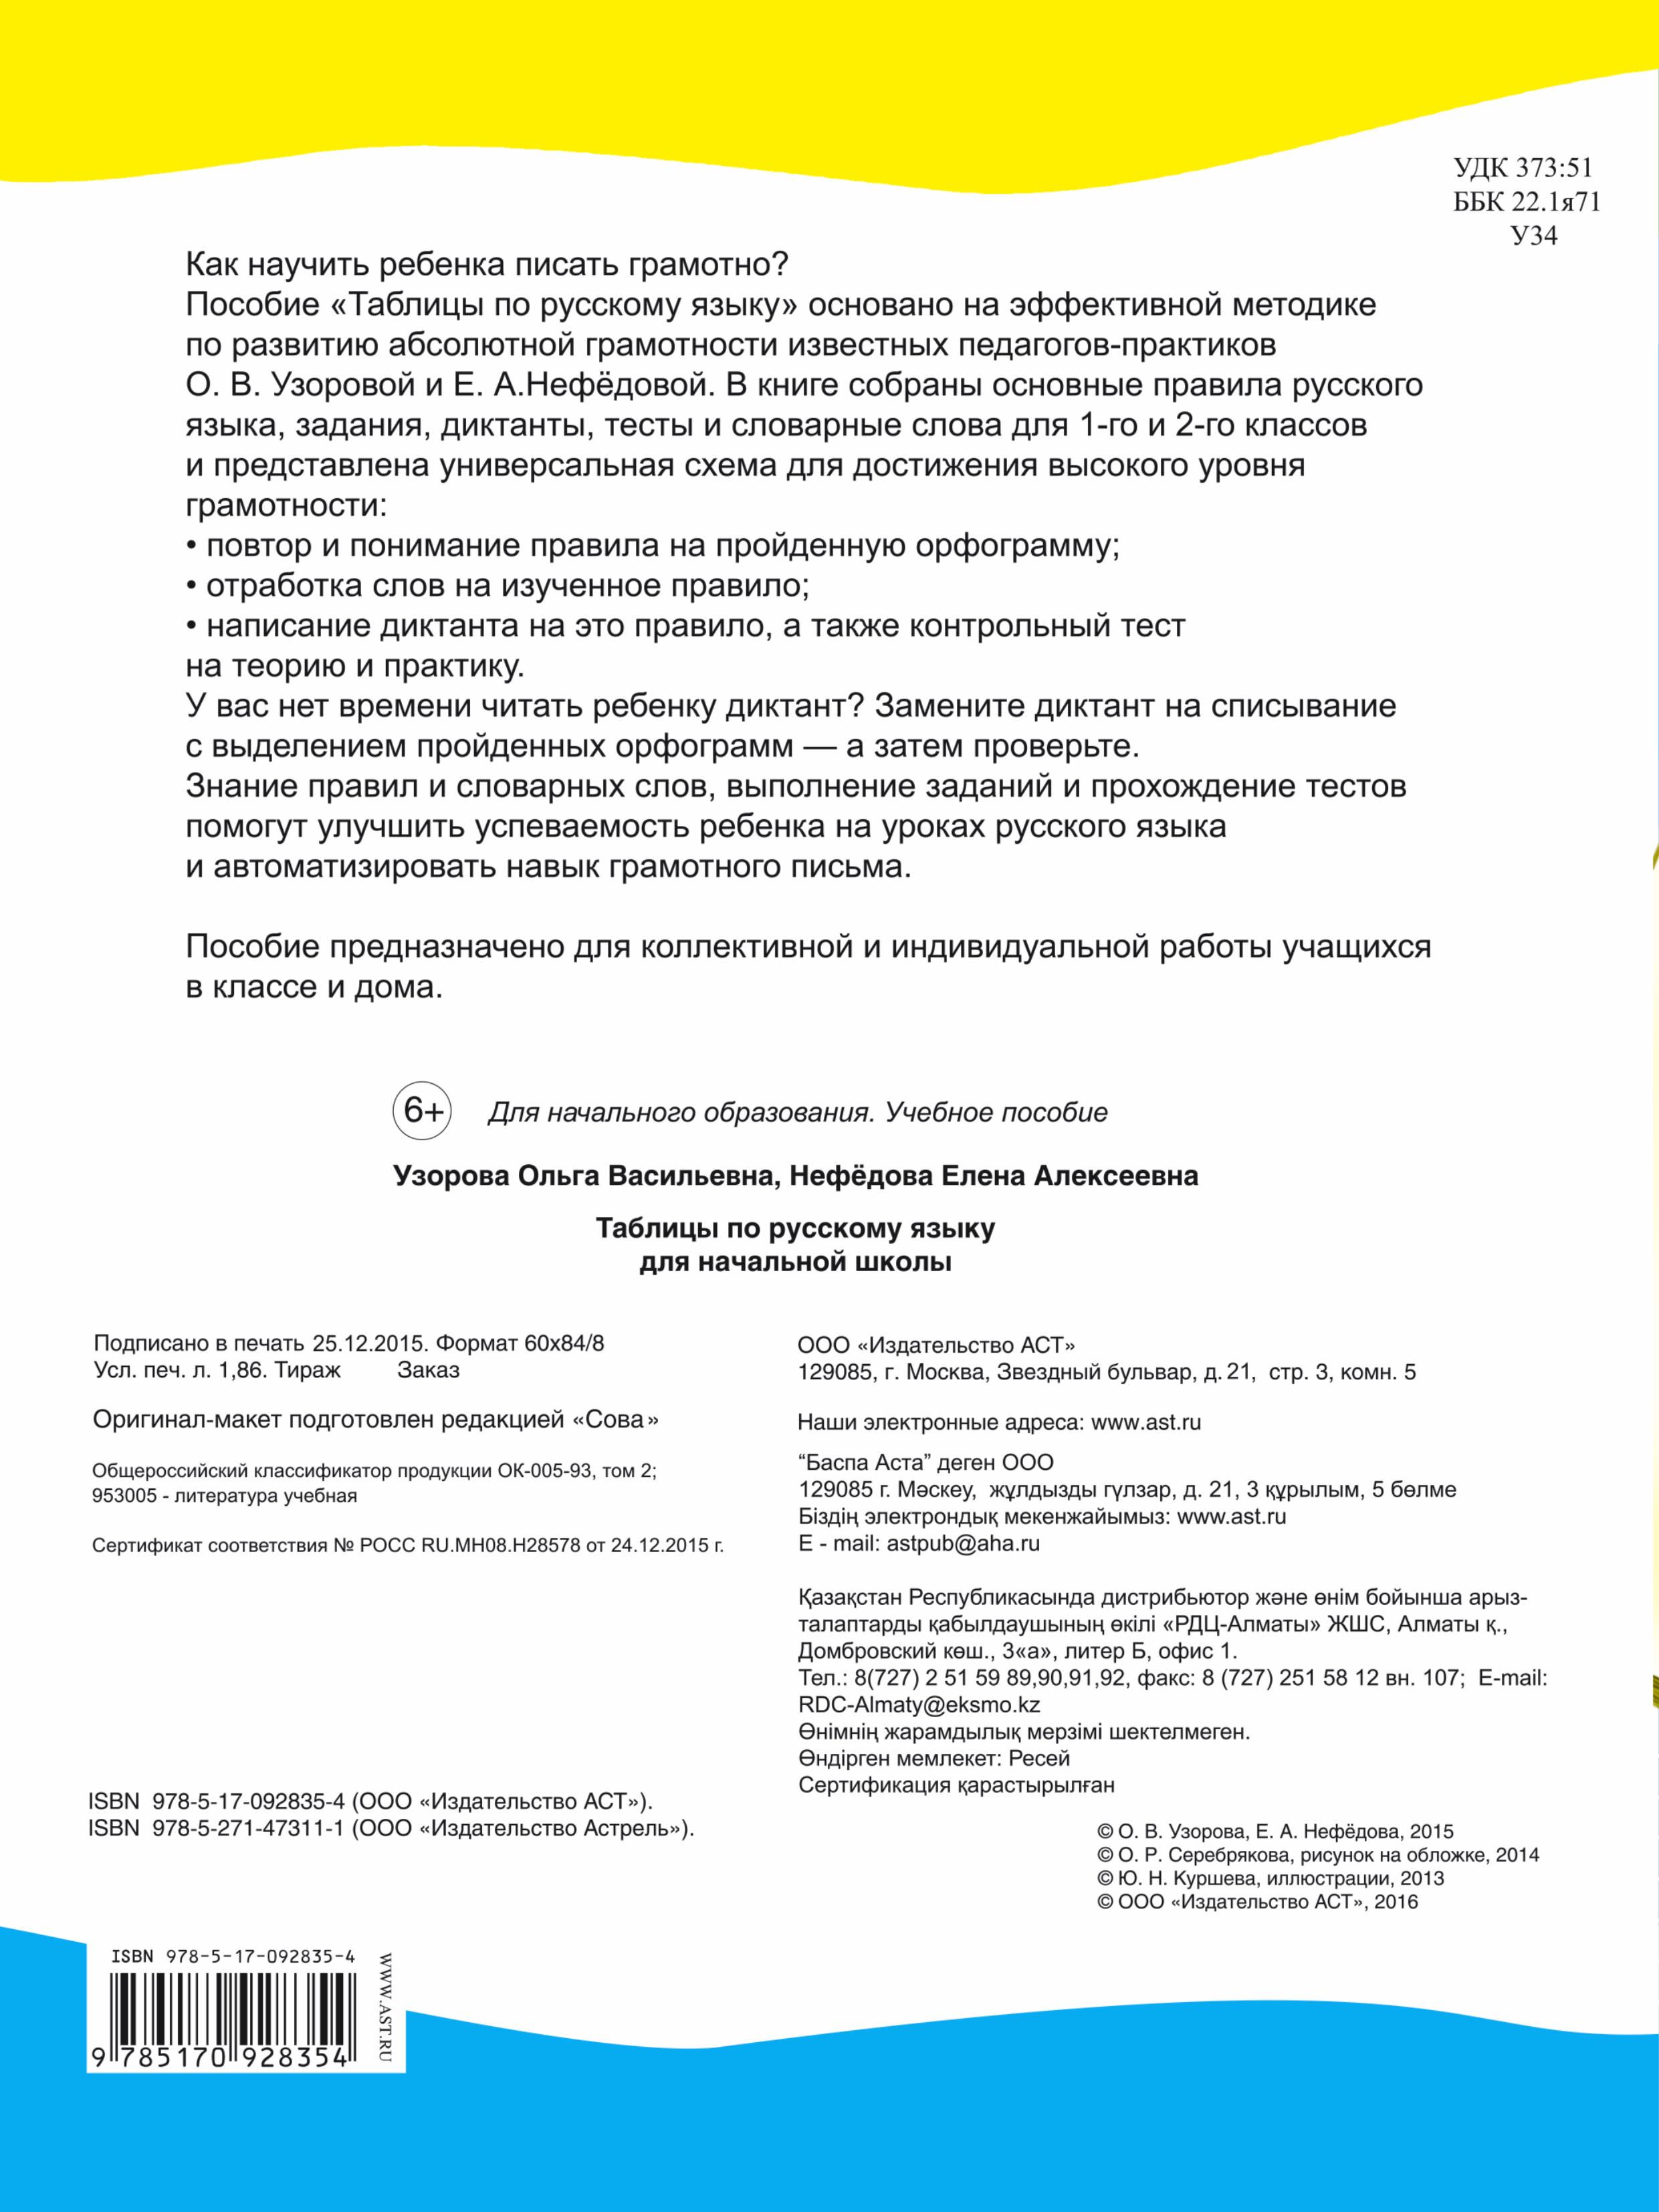 Русский язык. 1-2 класс. Таблицы